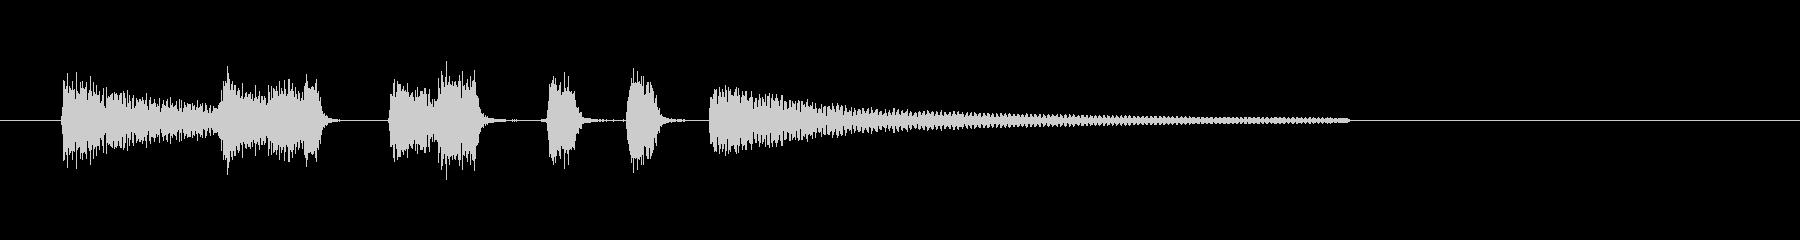 アコギ生演奏のシンプルで短いジングルの未再生の波形